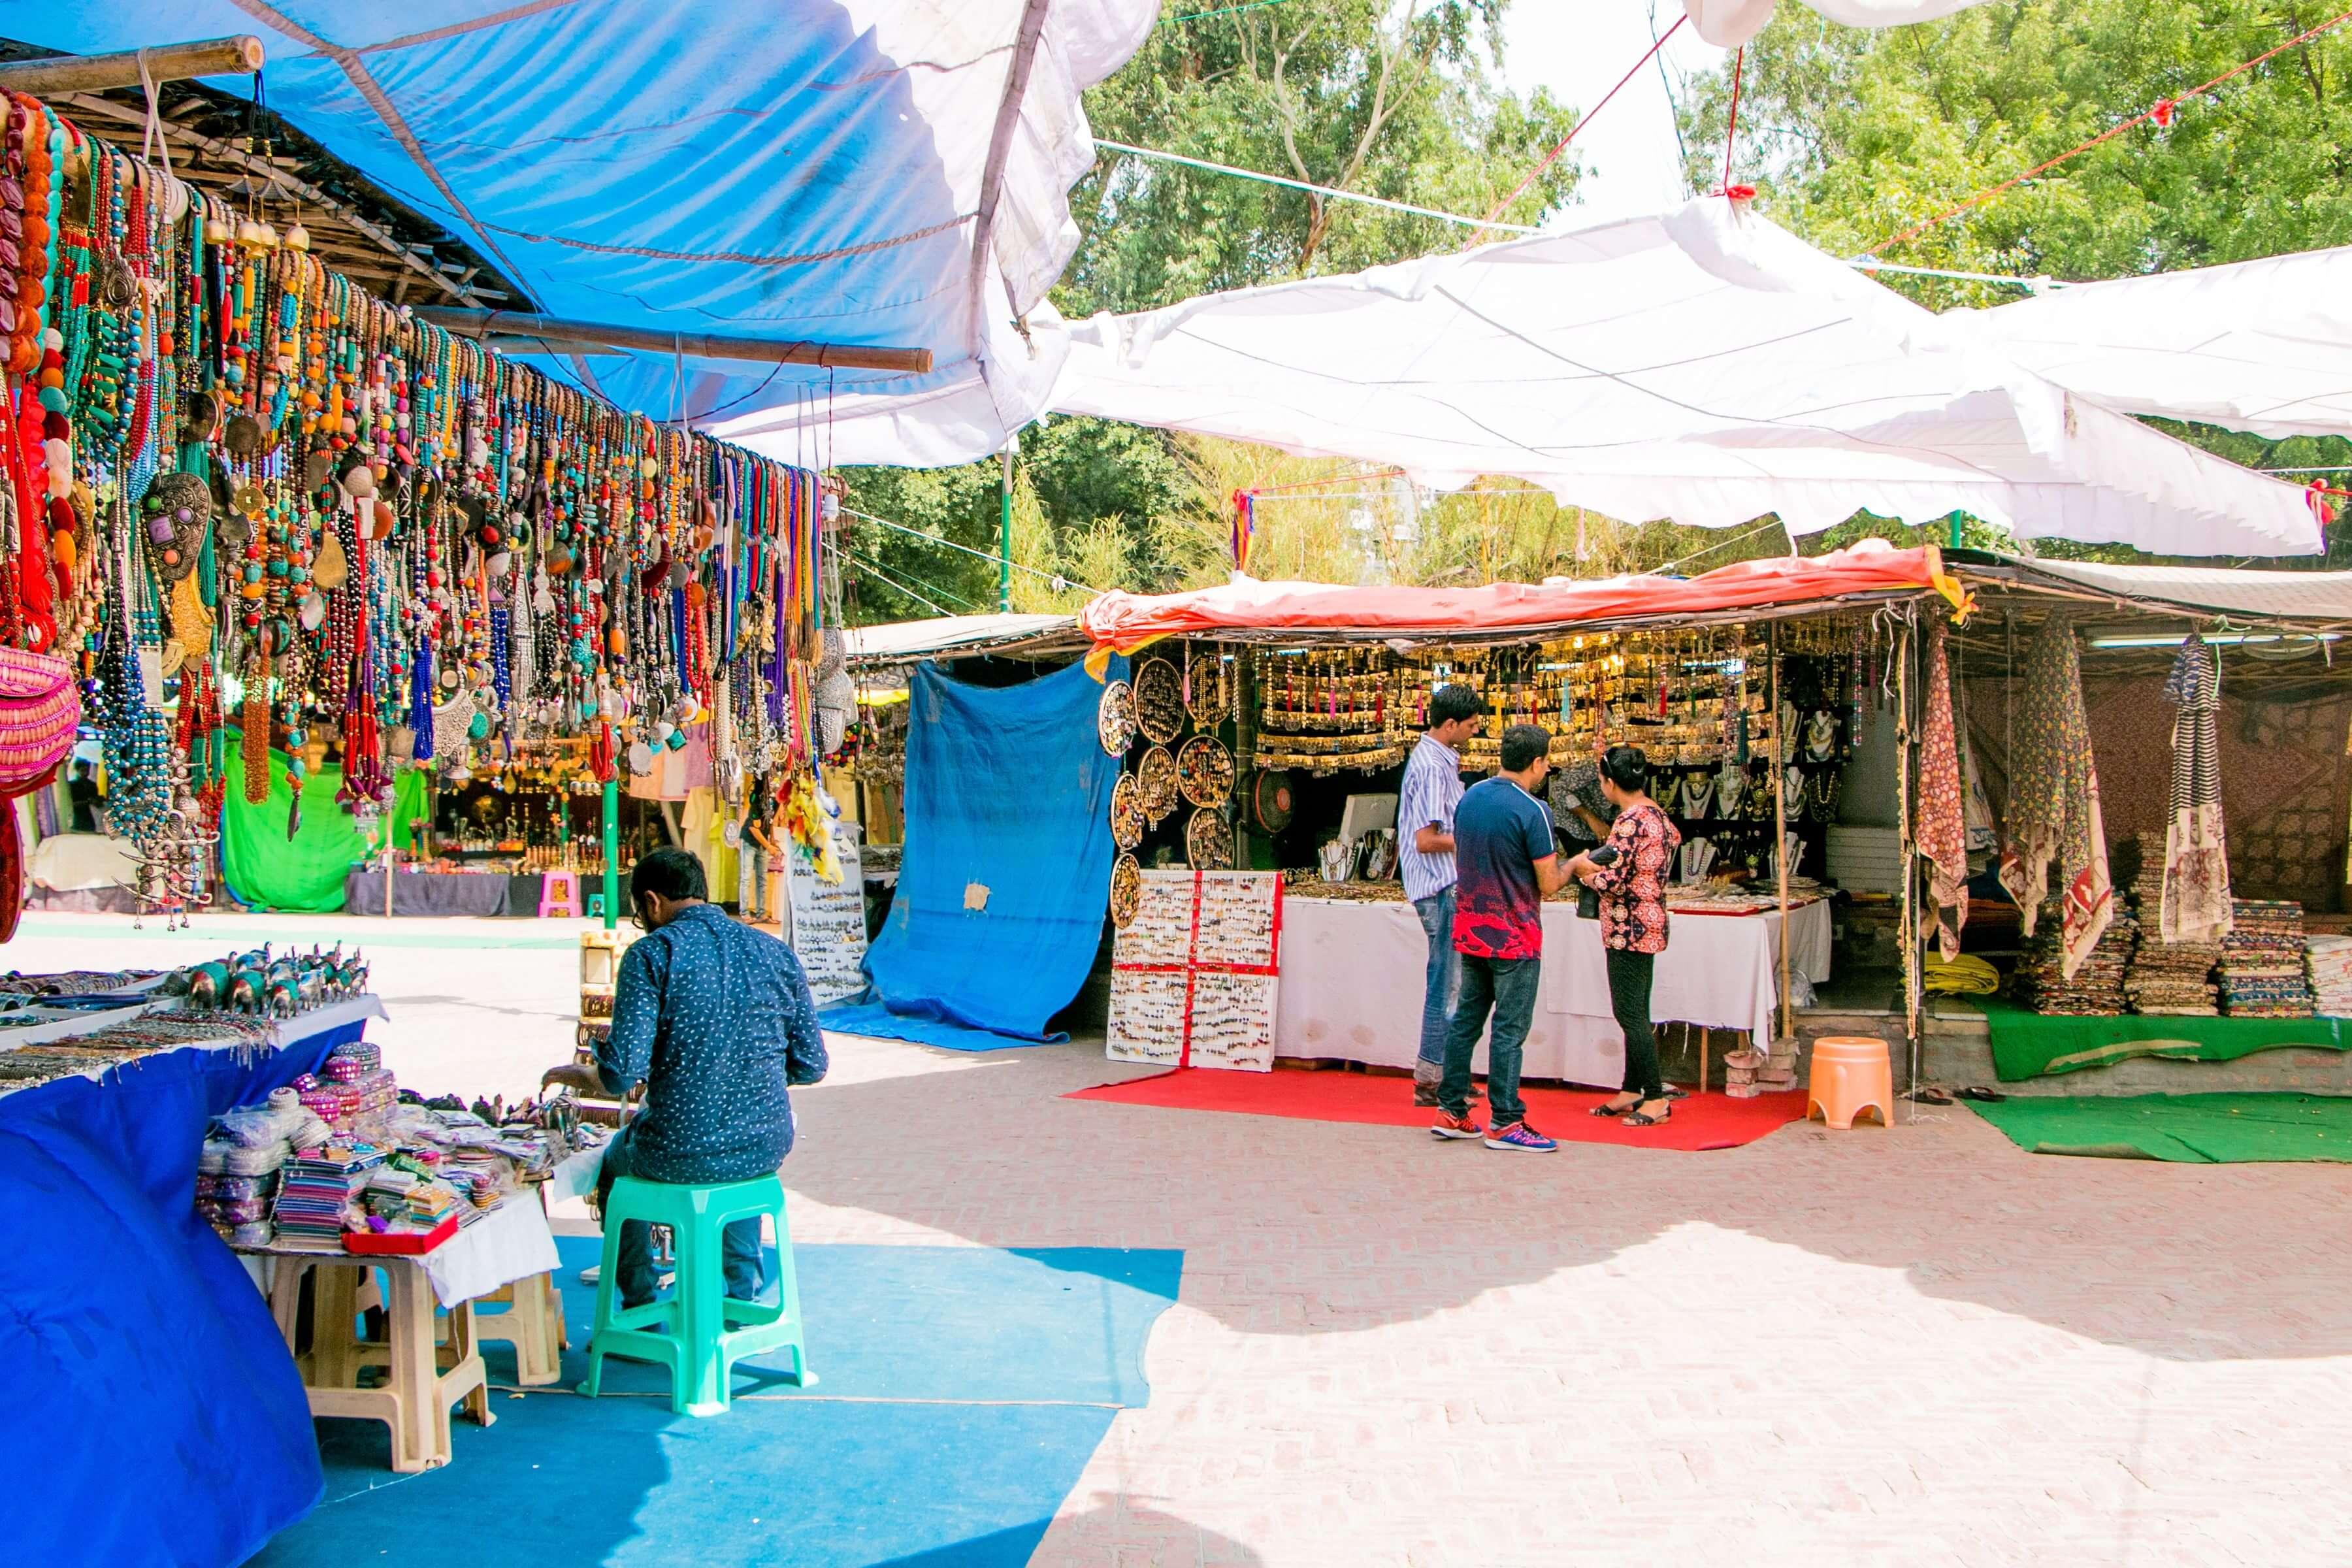 Dilli Hatt Market